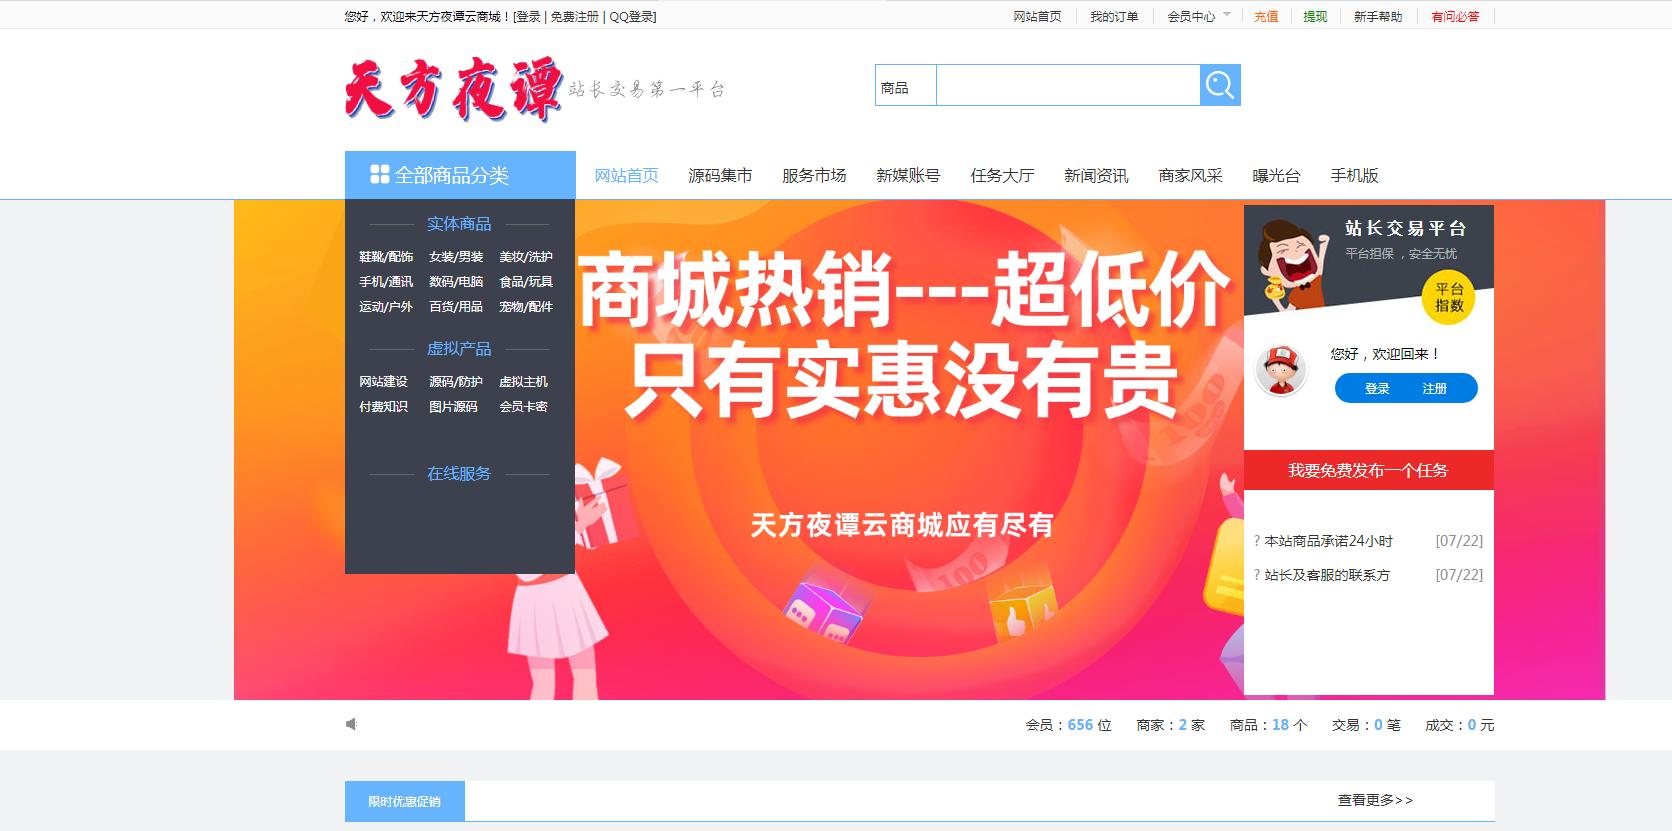 最新更新精仿淘宝商城源码开源加强SEO